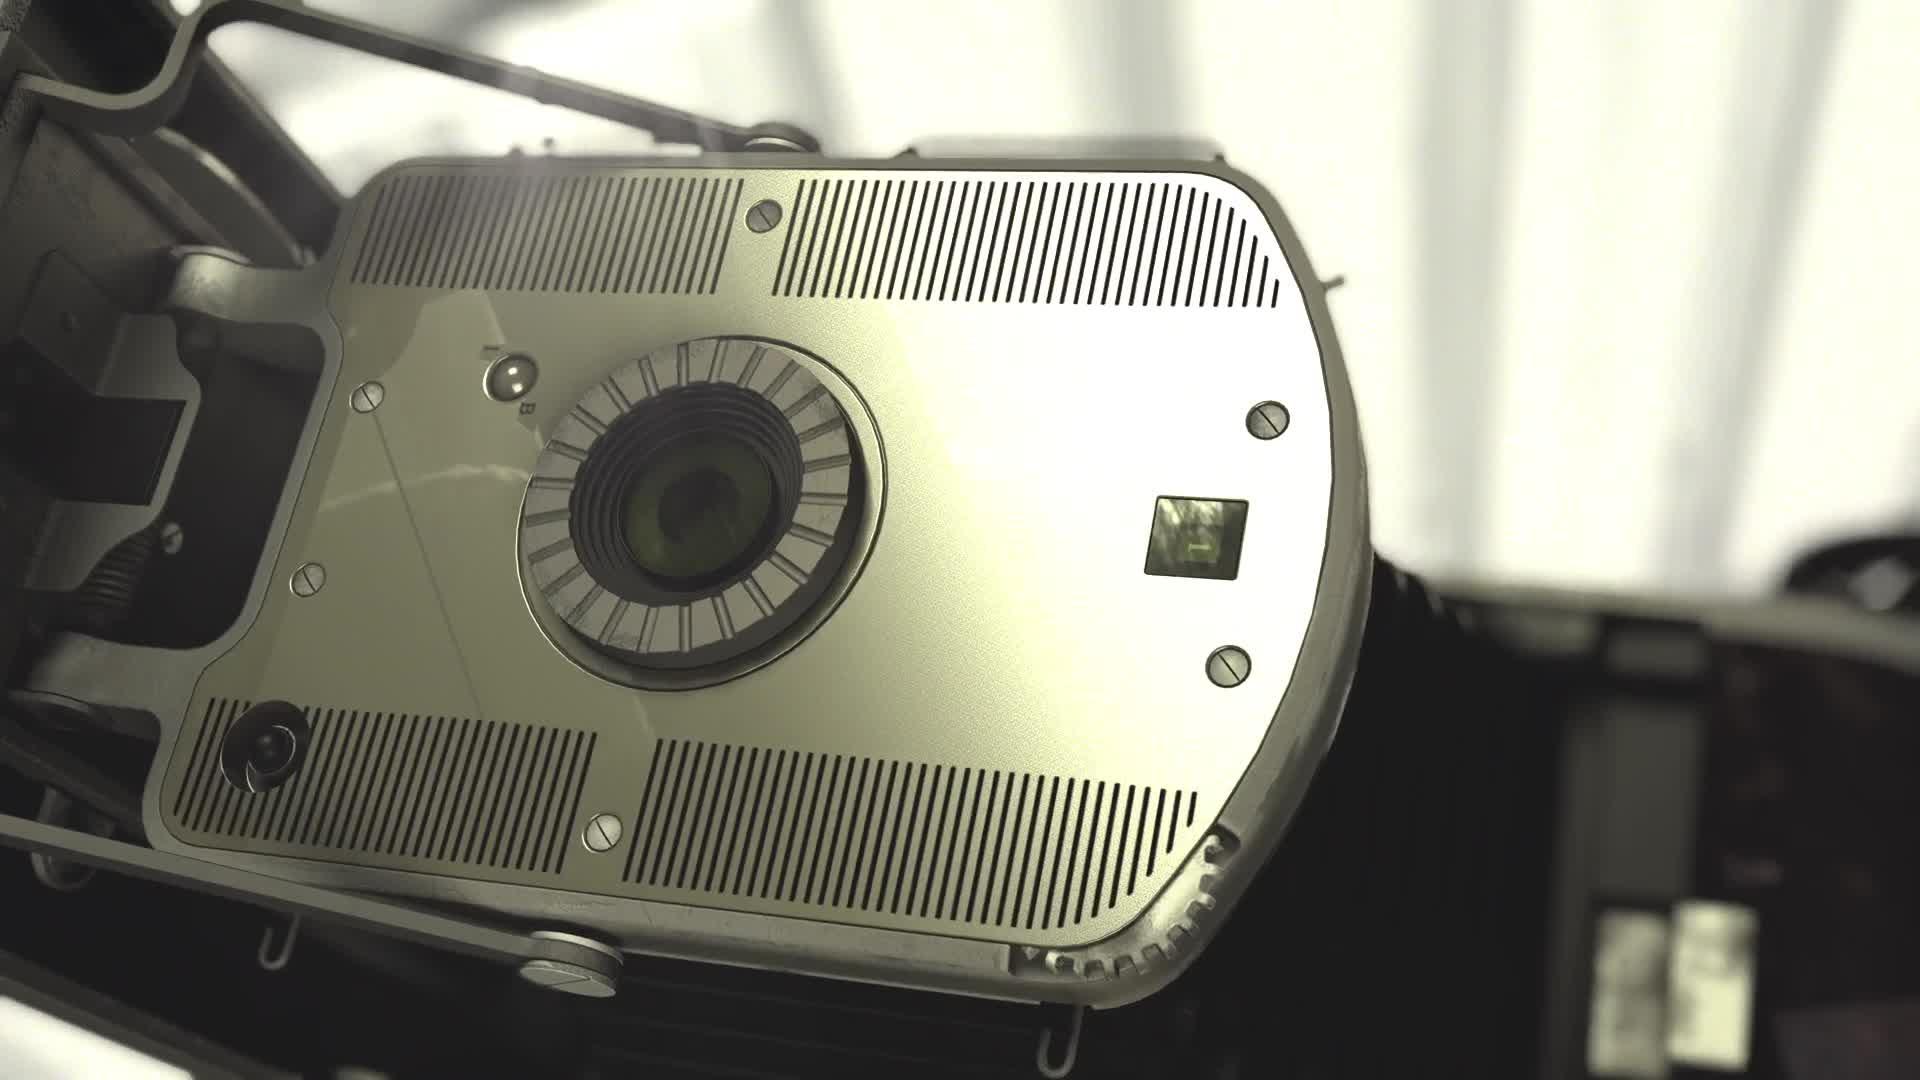 Sony SLT-A77 Product Tour